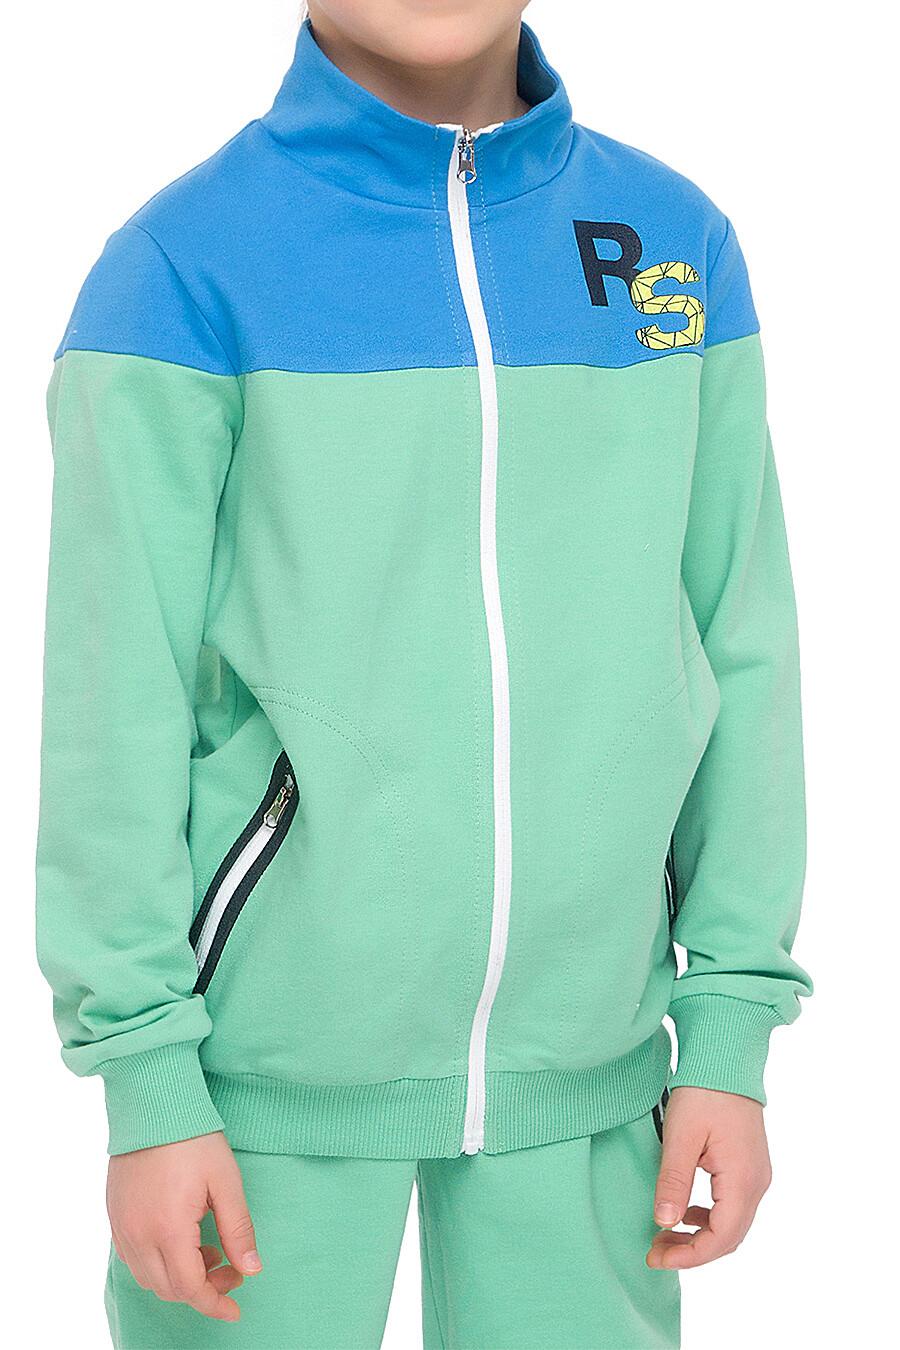 Толстовка для мальчиков CLEVER 158840 купить оптом от производителя. Совместная покупка детской одежды в OptMoyo